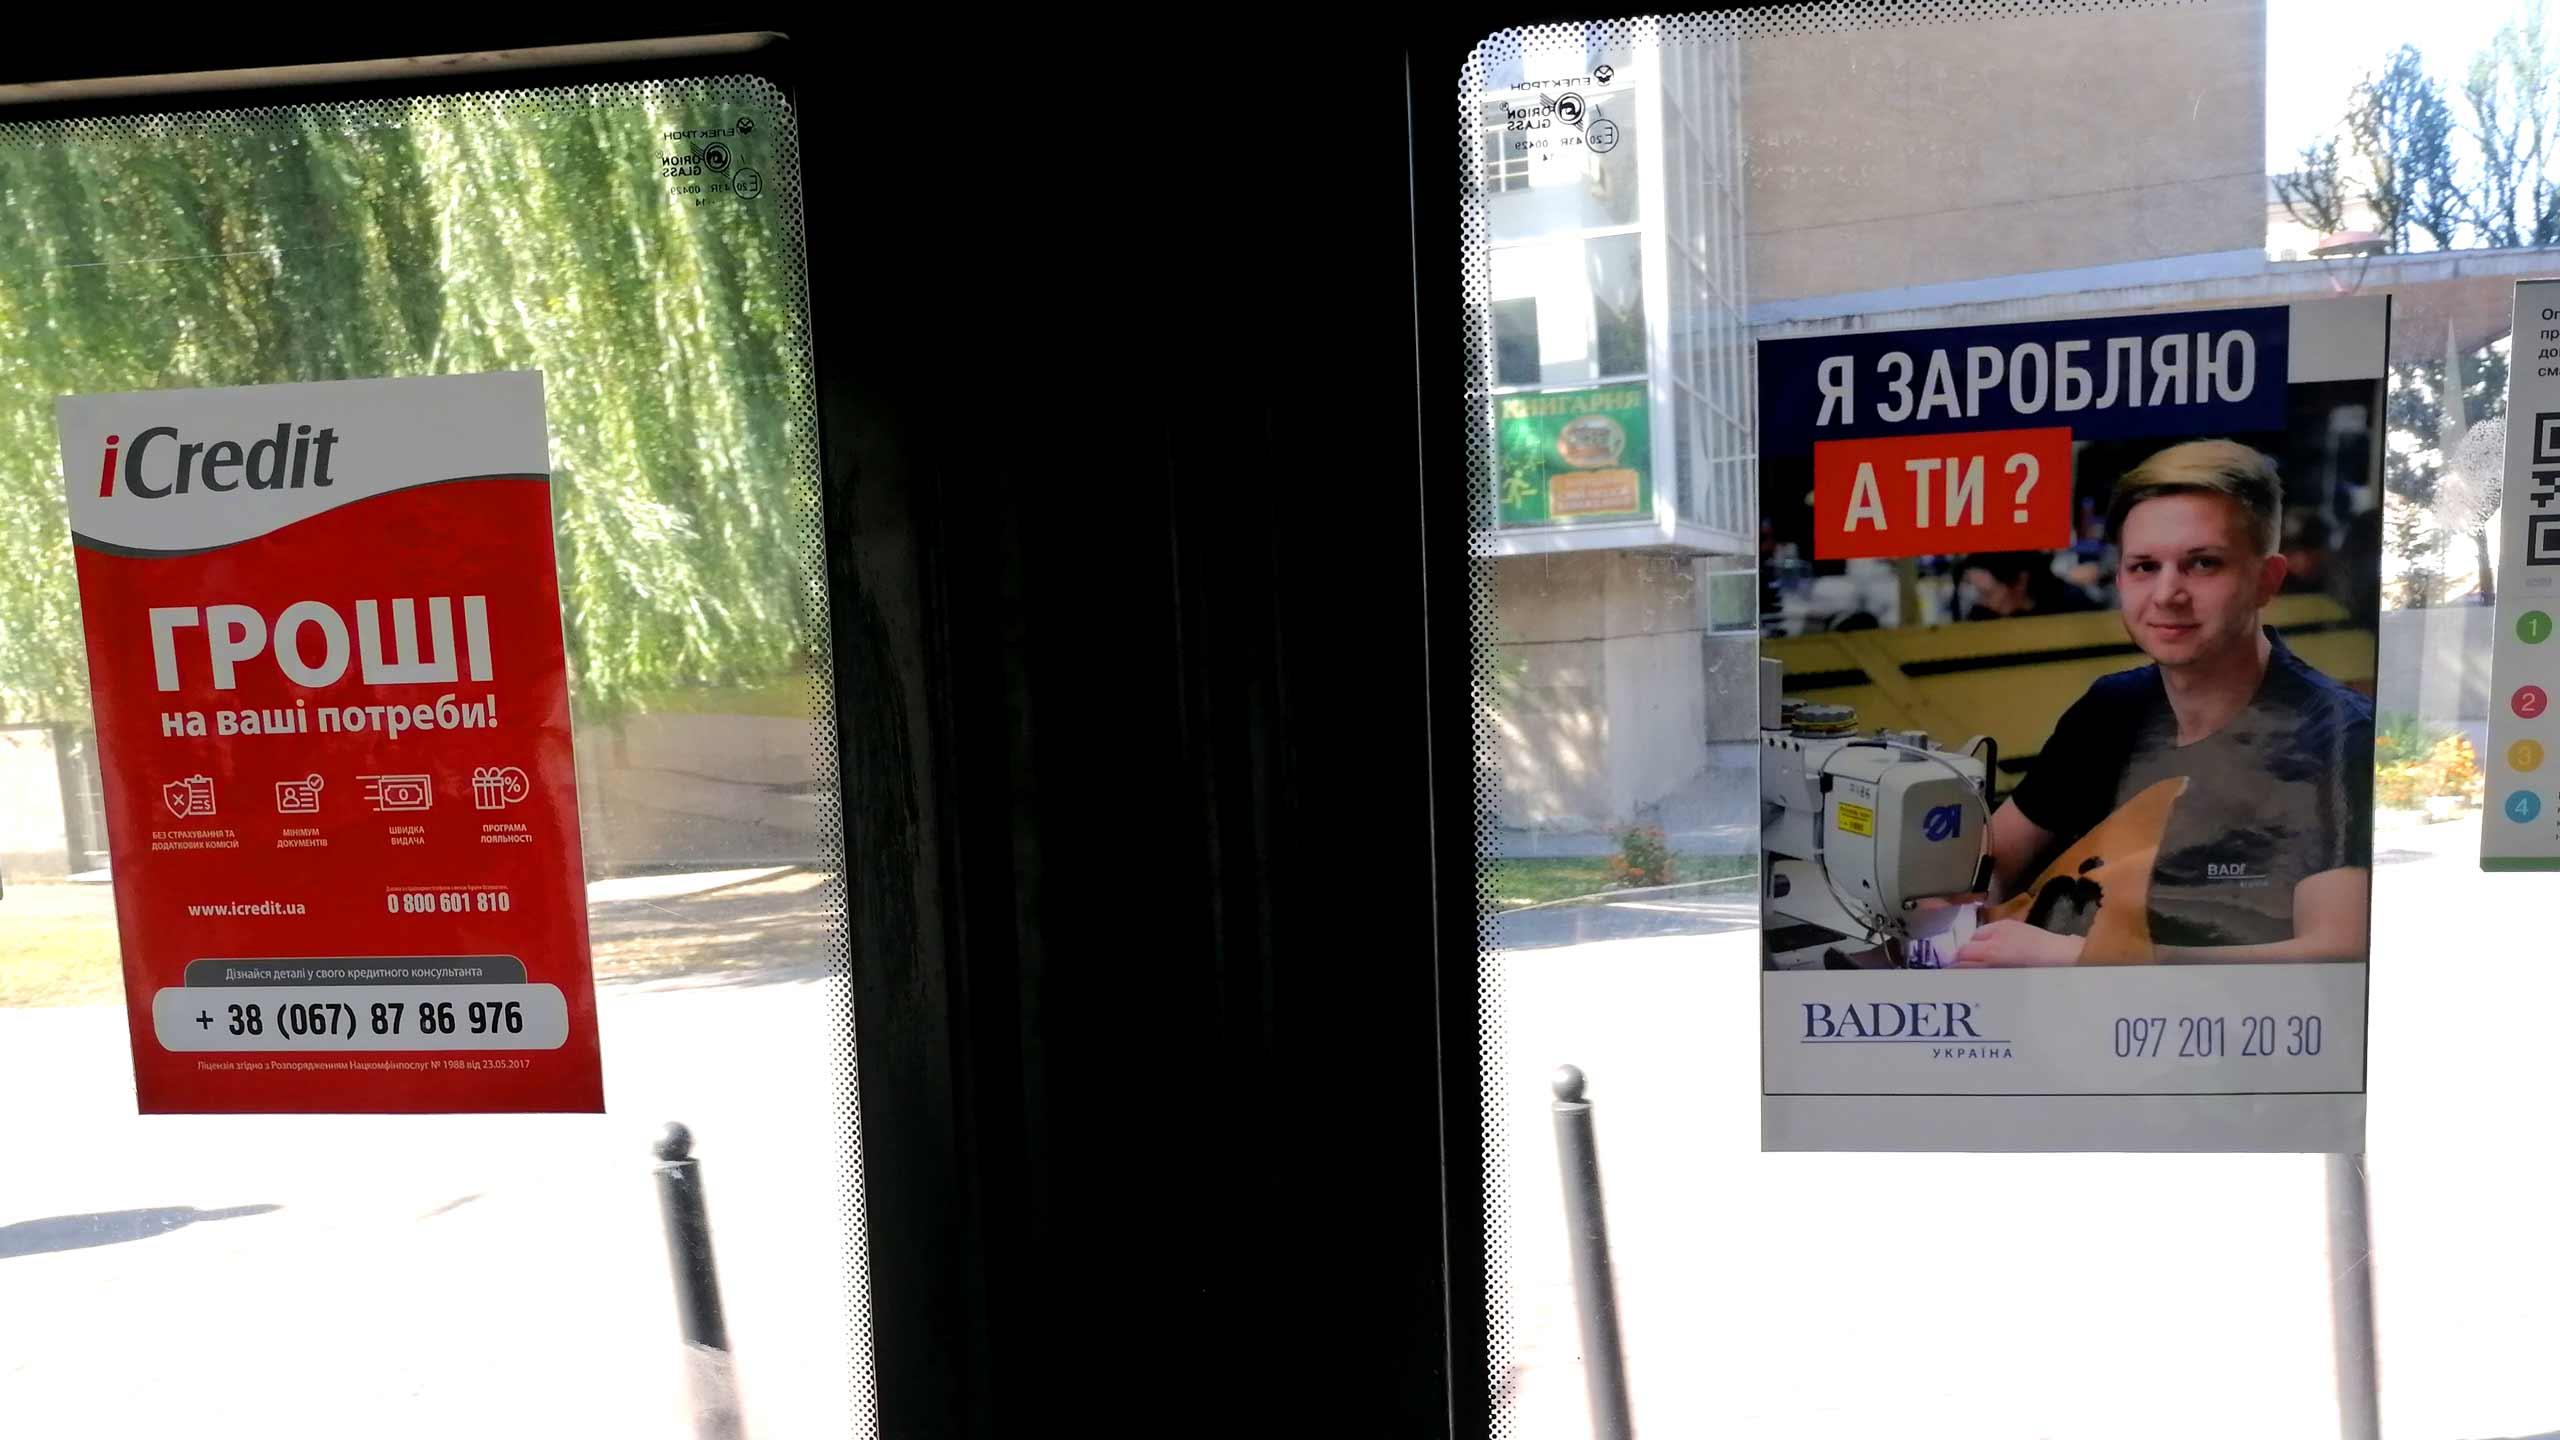 Реклама в маршрутках Кировограда